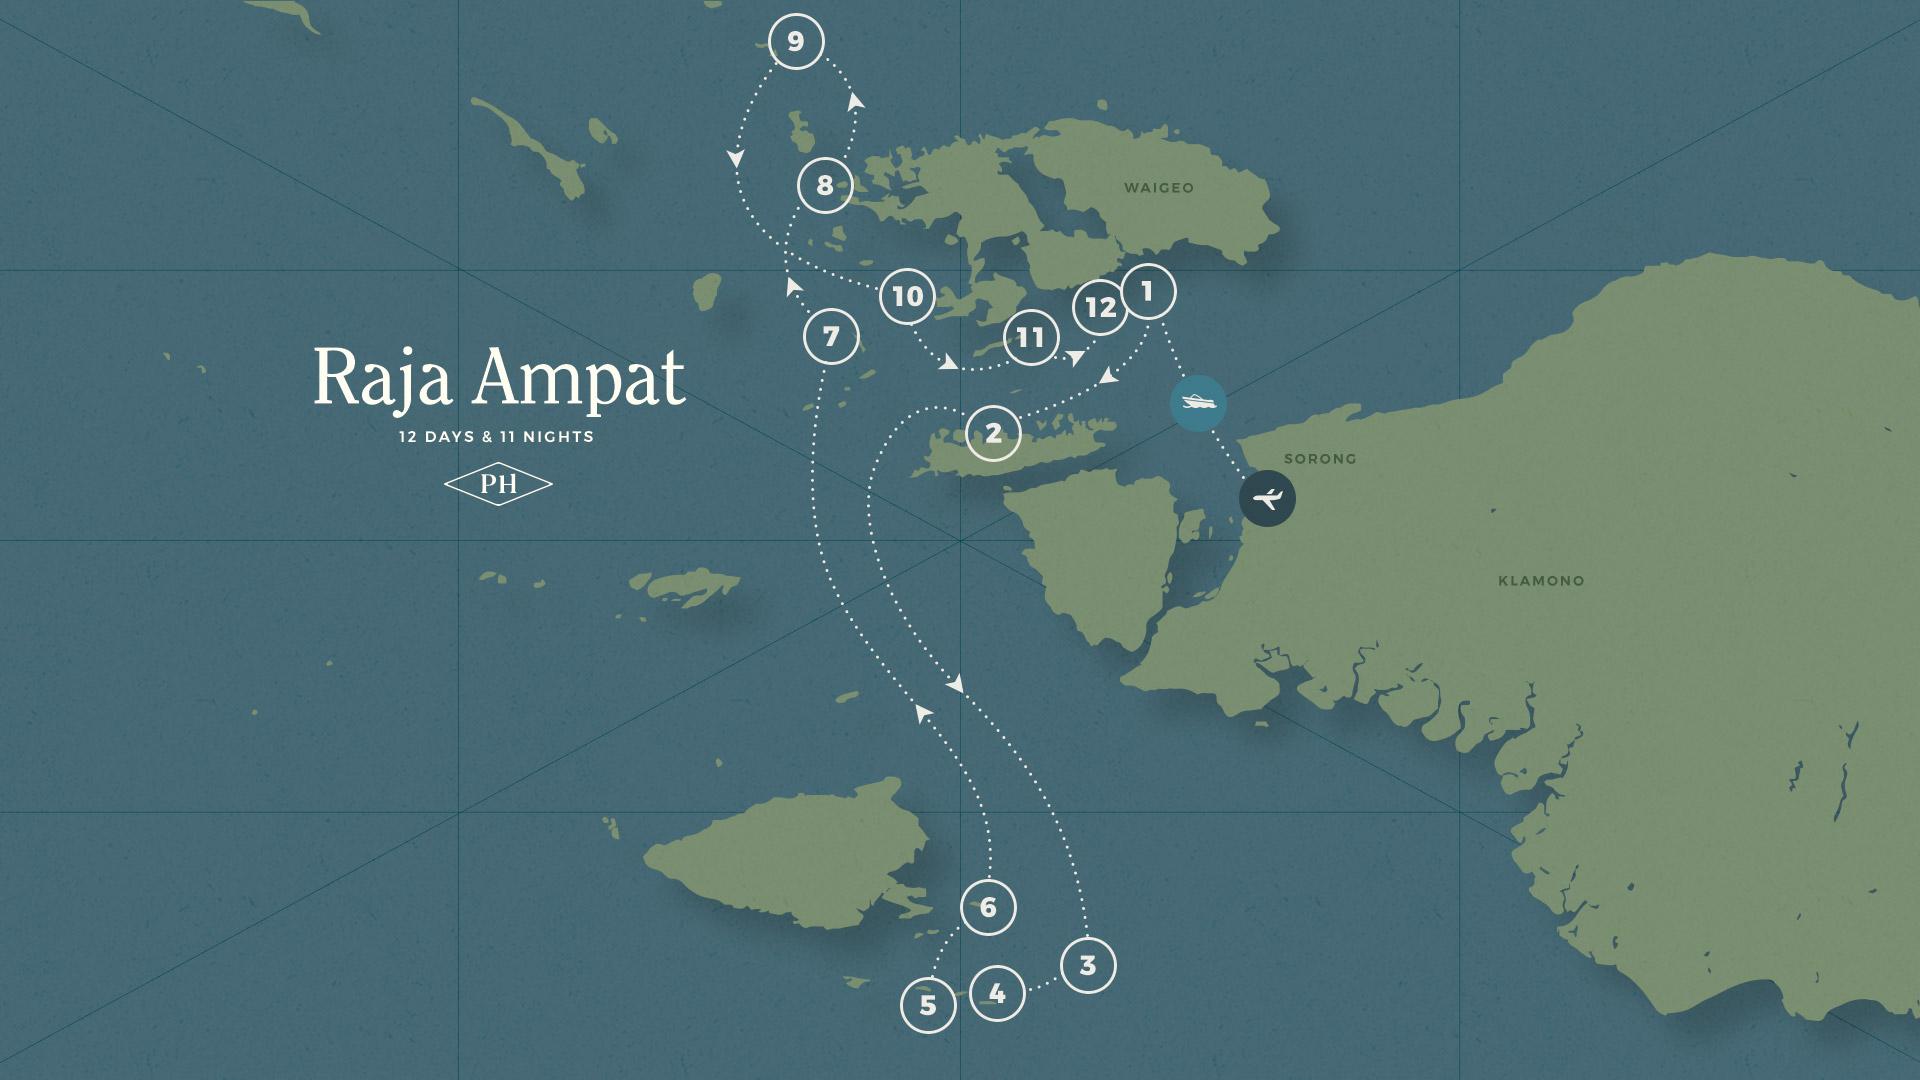 PH_Itinerary_map_rajaampat_v3